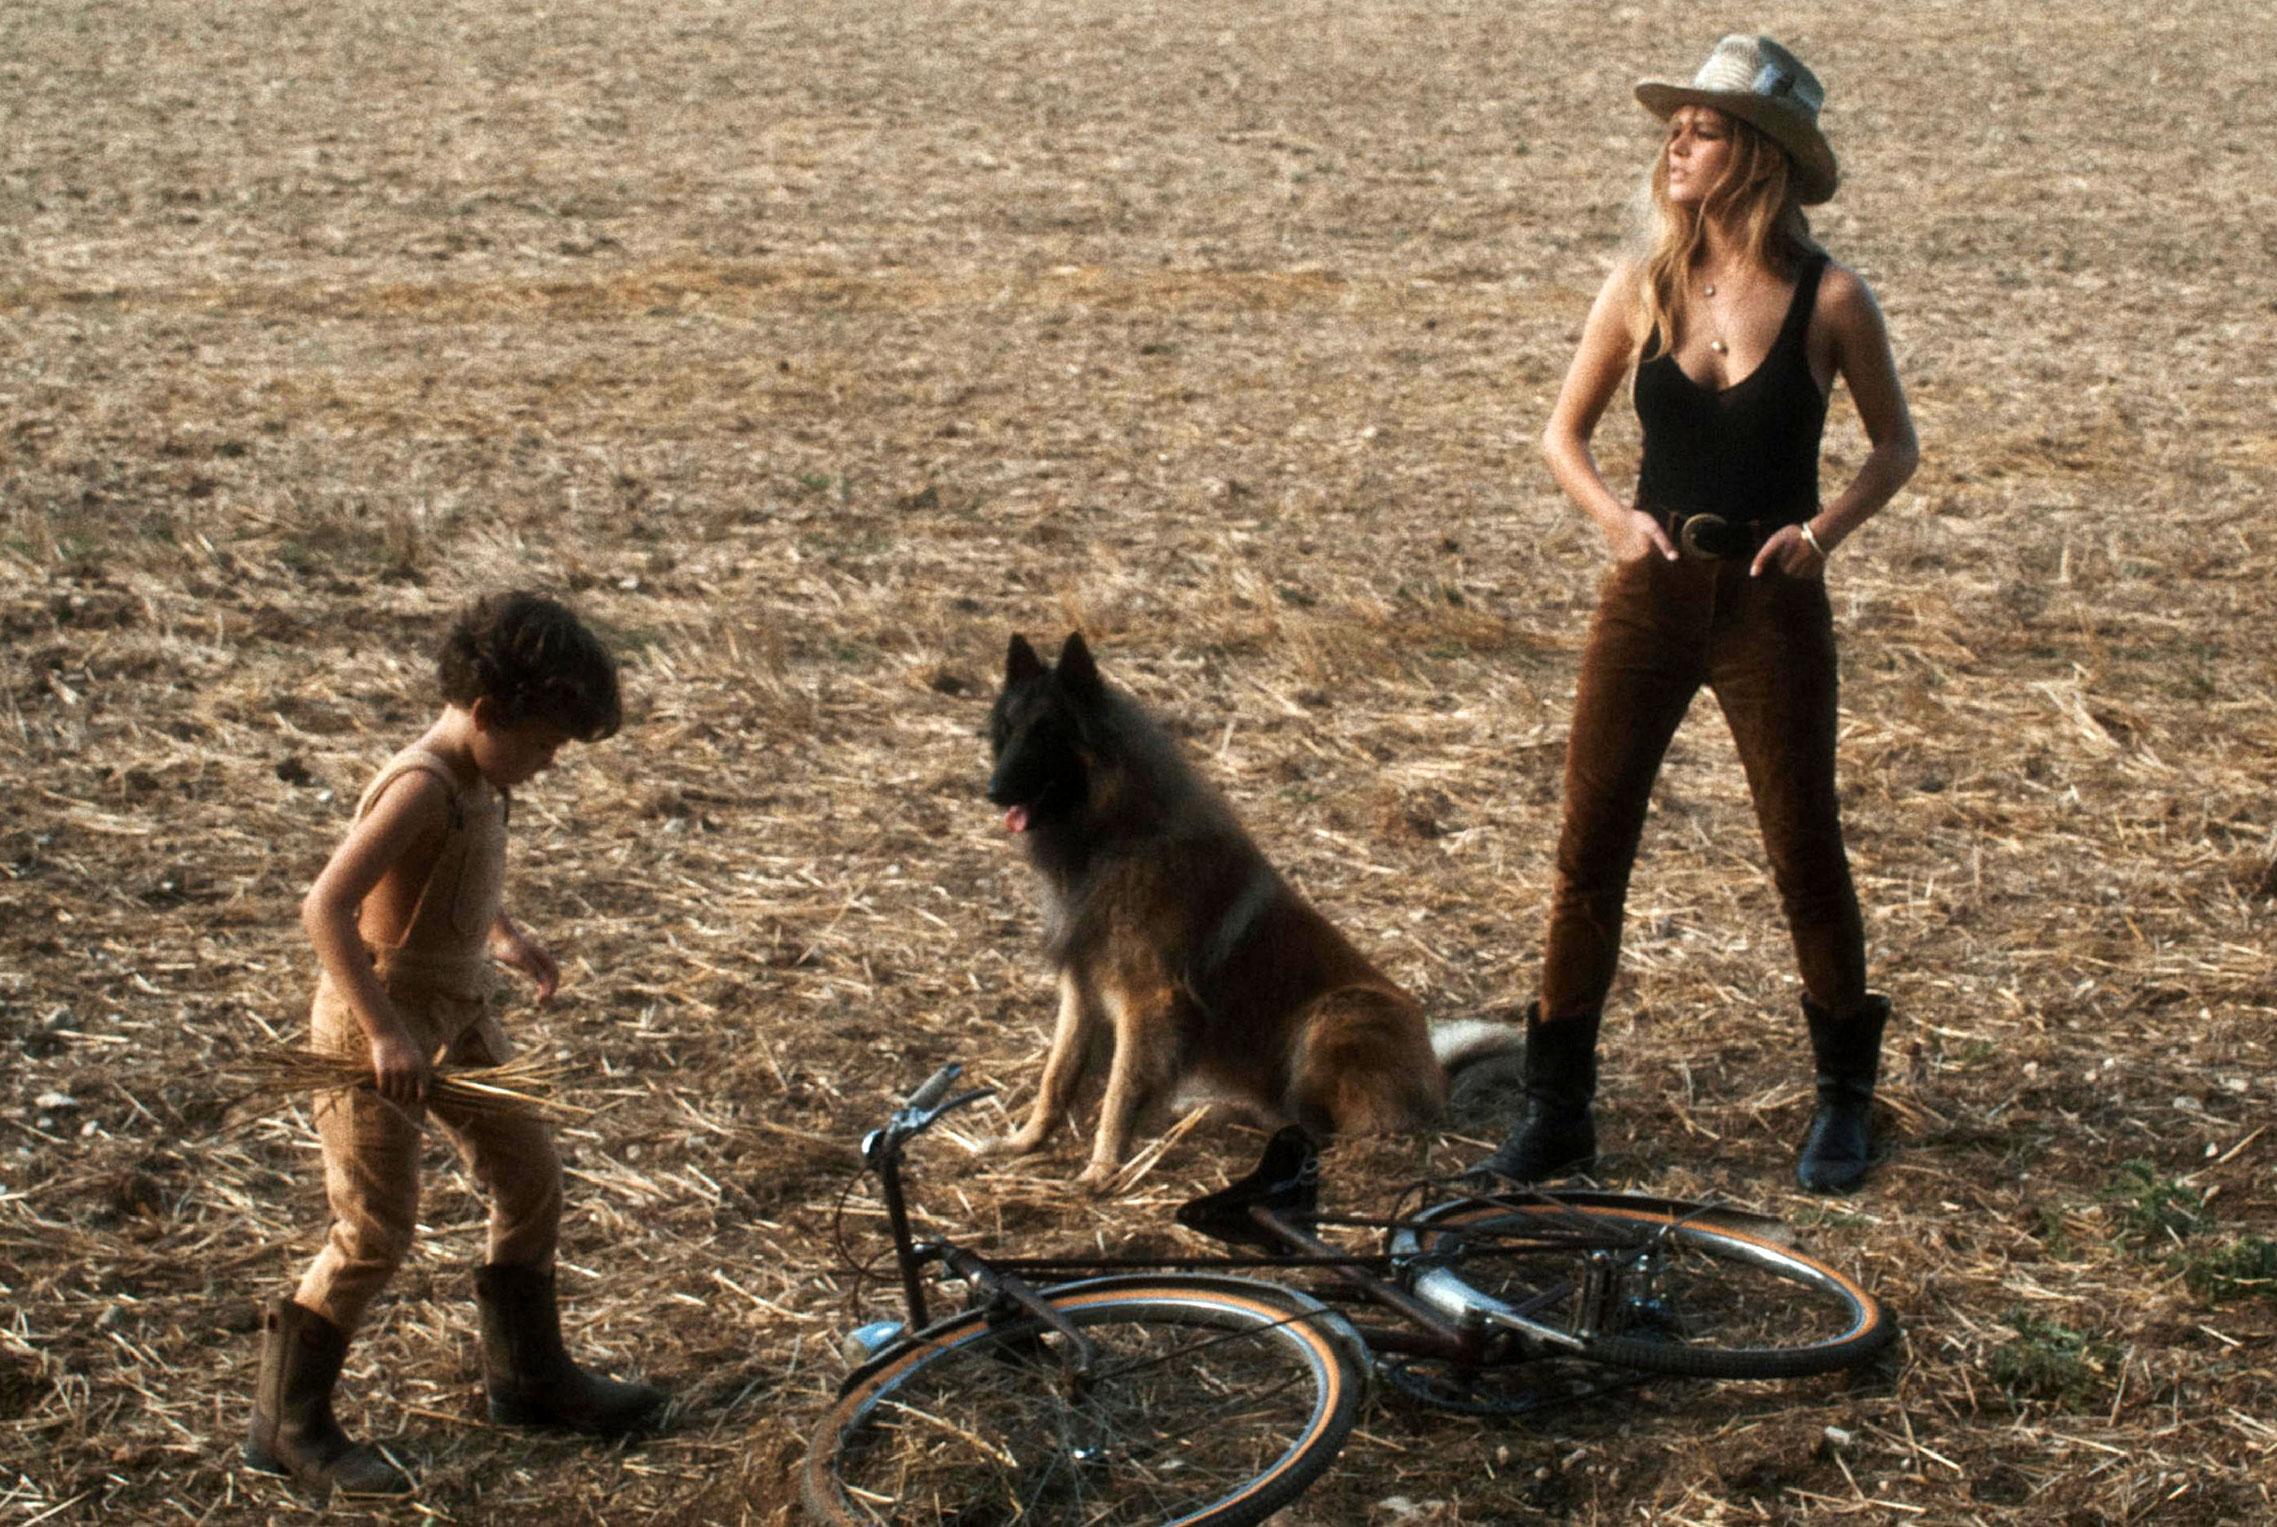 Деревенская идилия / супермодель Анна Юэрс с сыном / фото 12